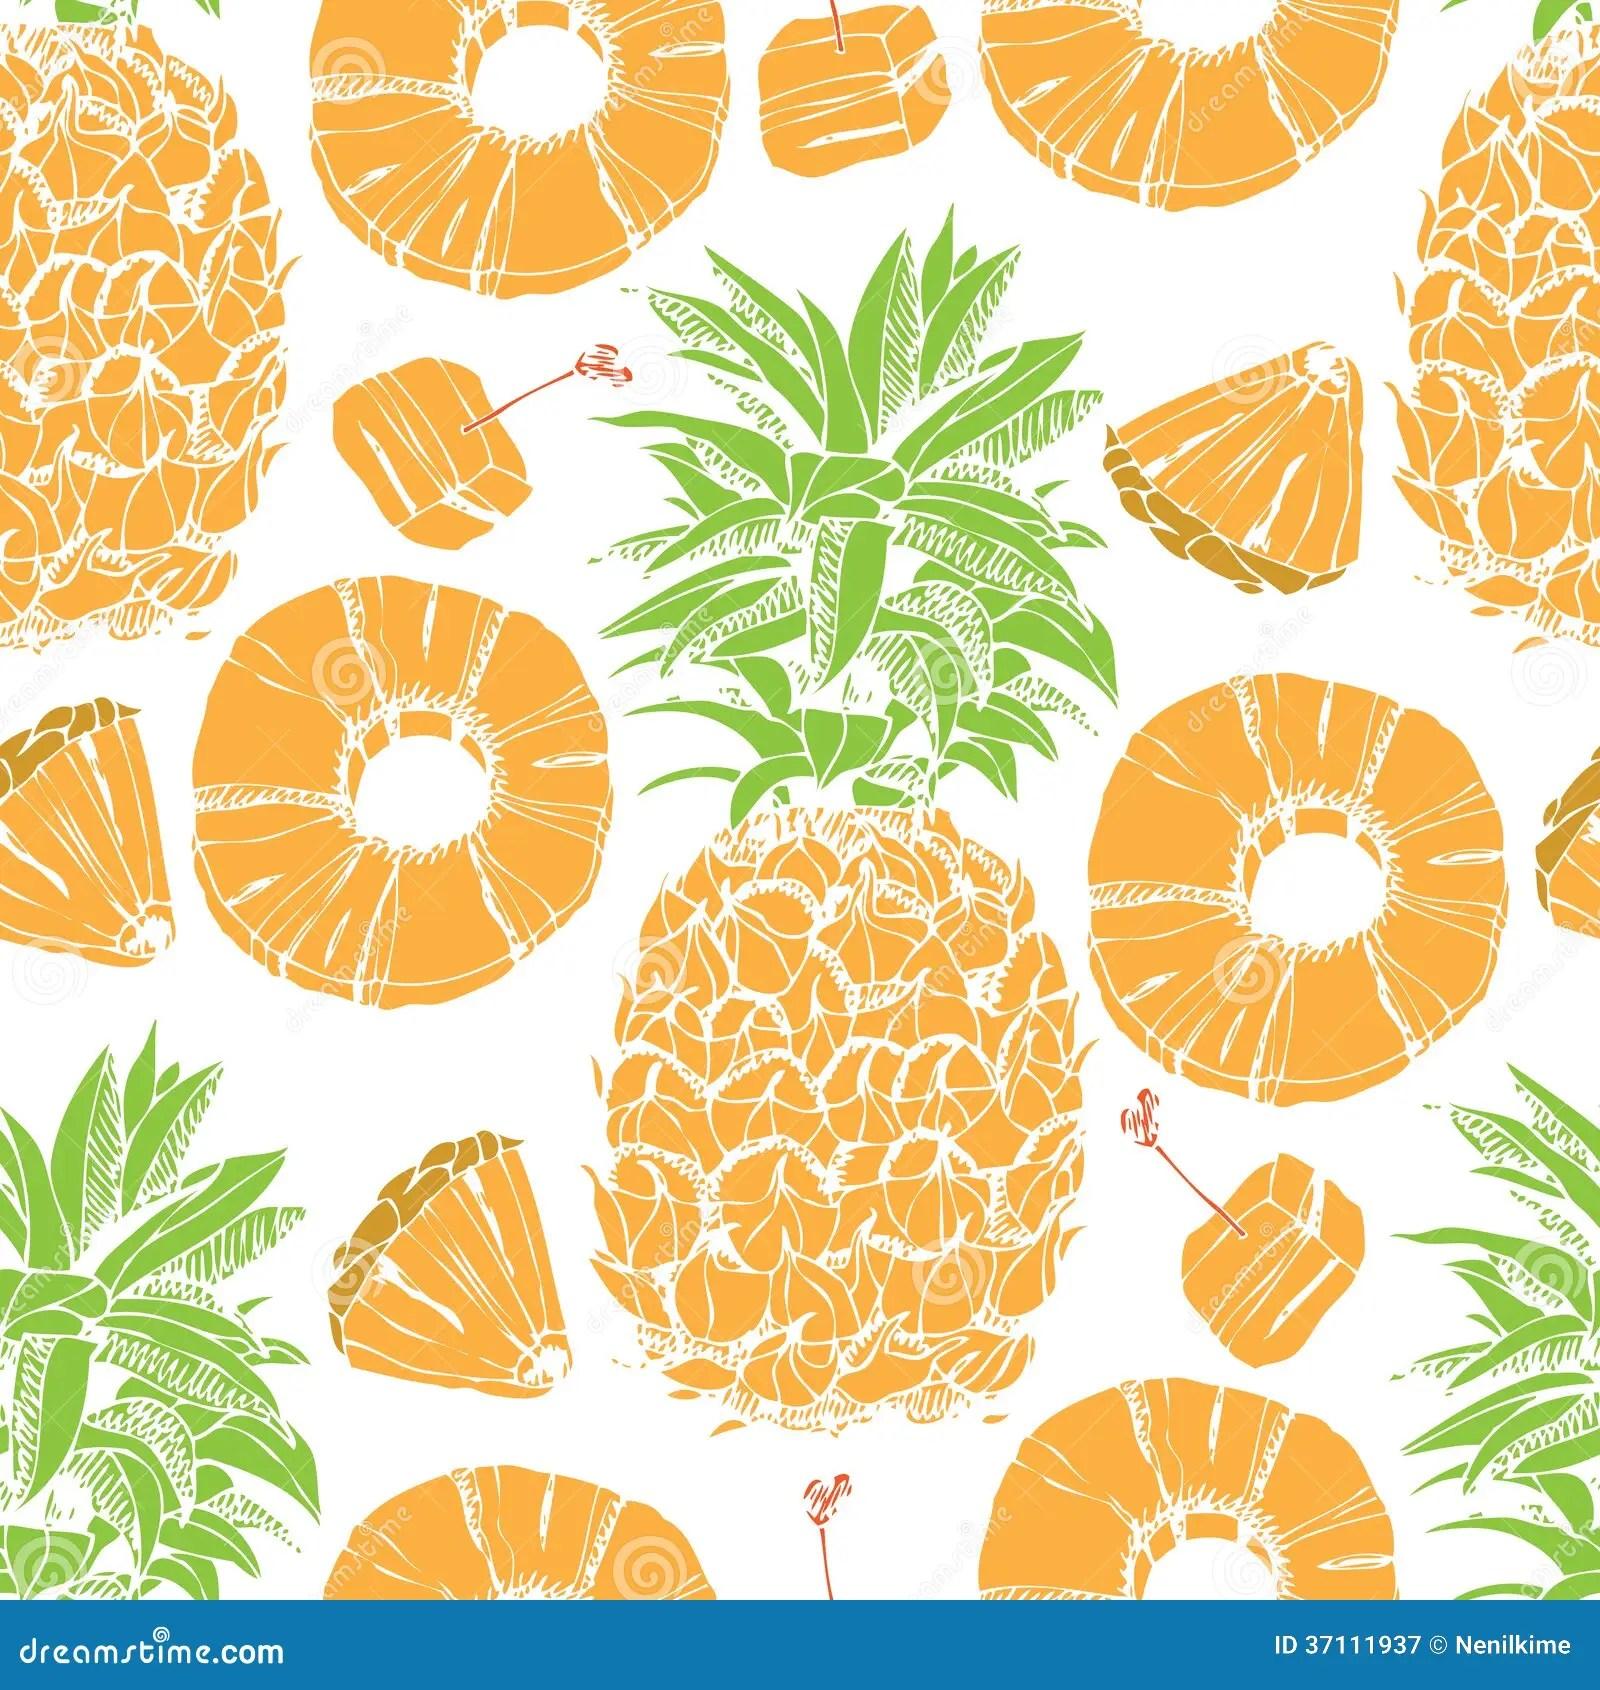 Cute Pineapple Iphone Wallpaper Fond Sans Couture D Ananas Photographie Stock Libre De